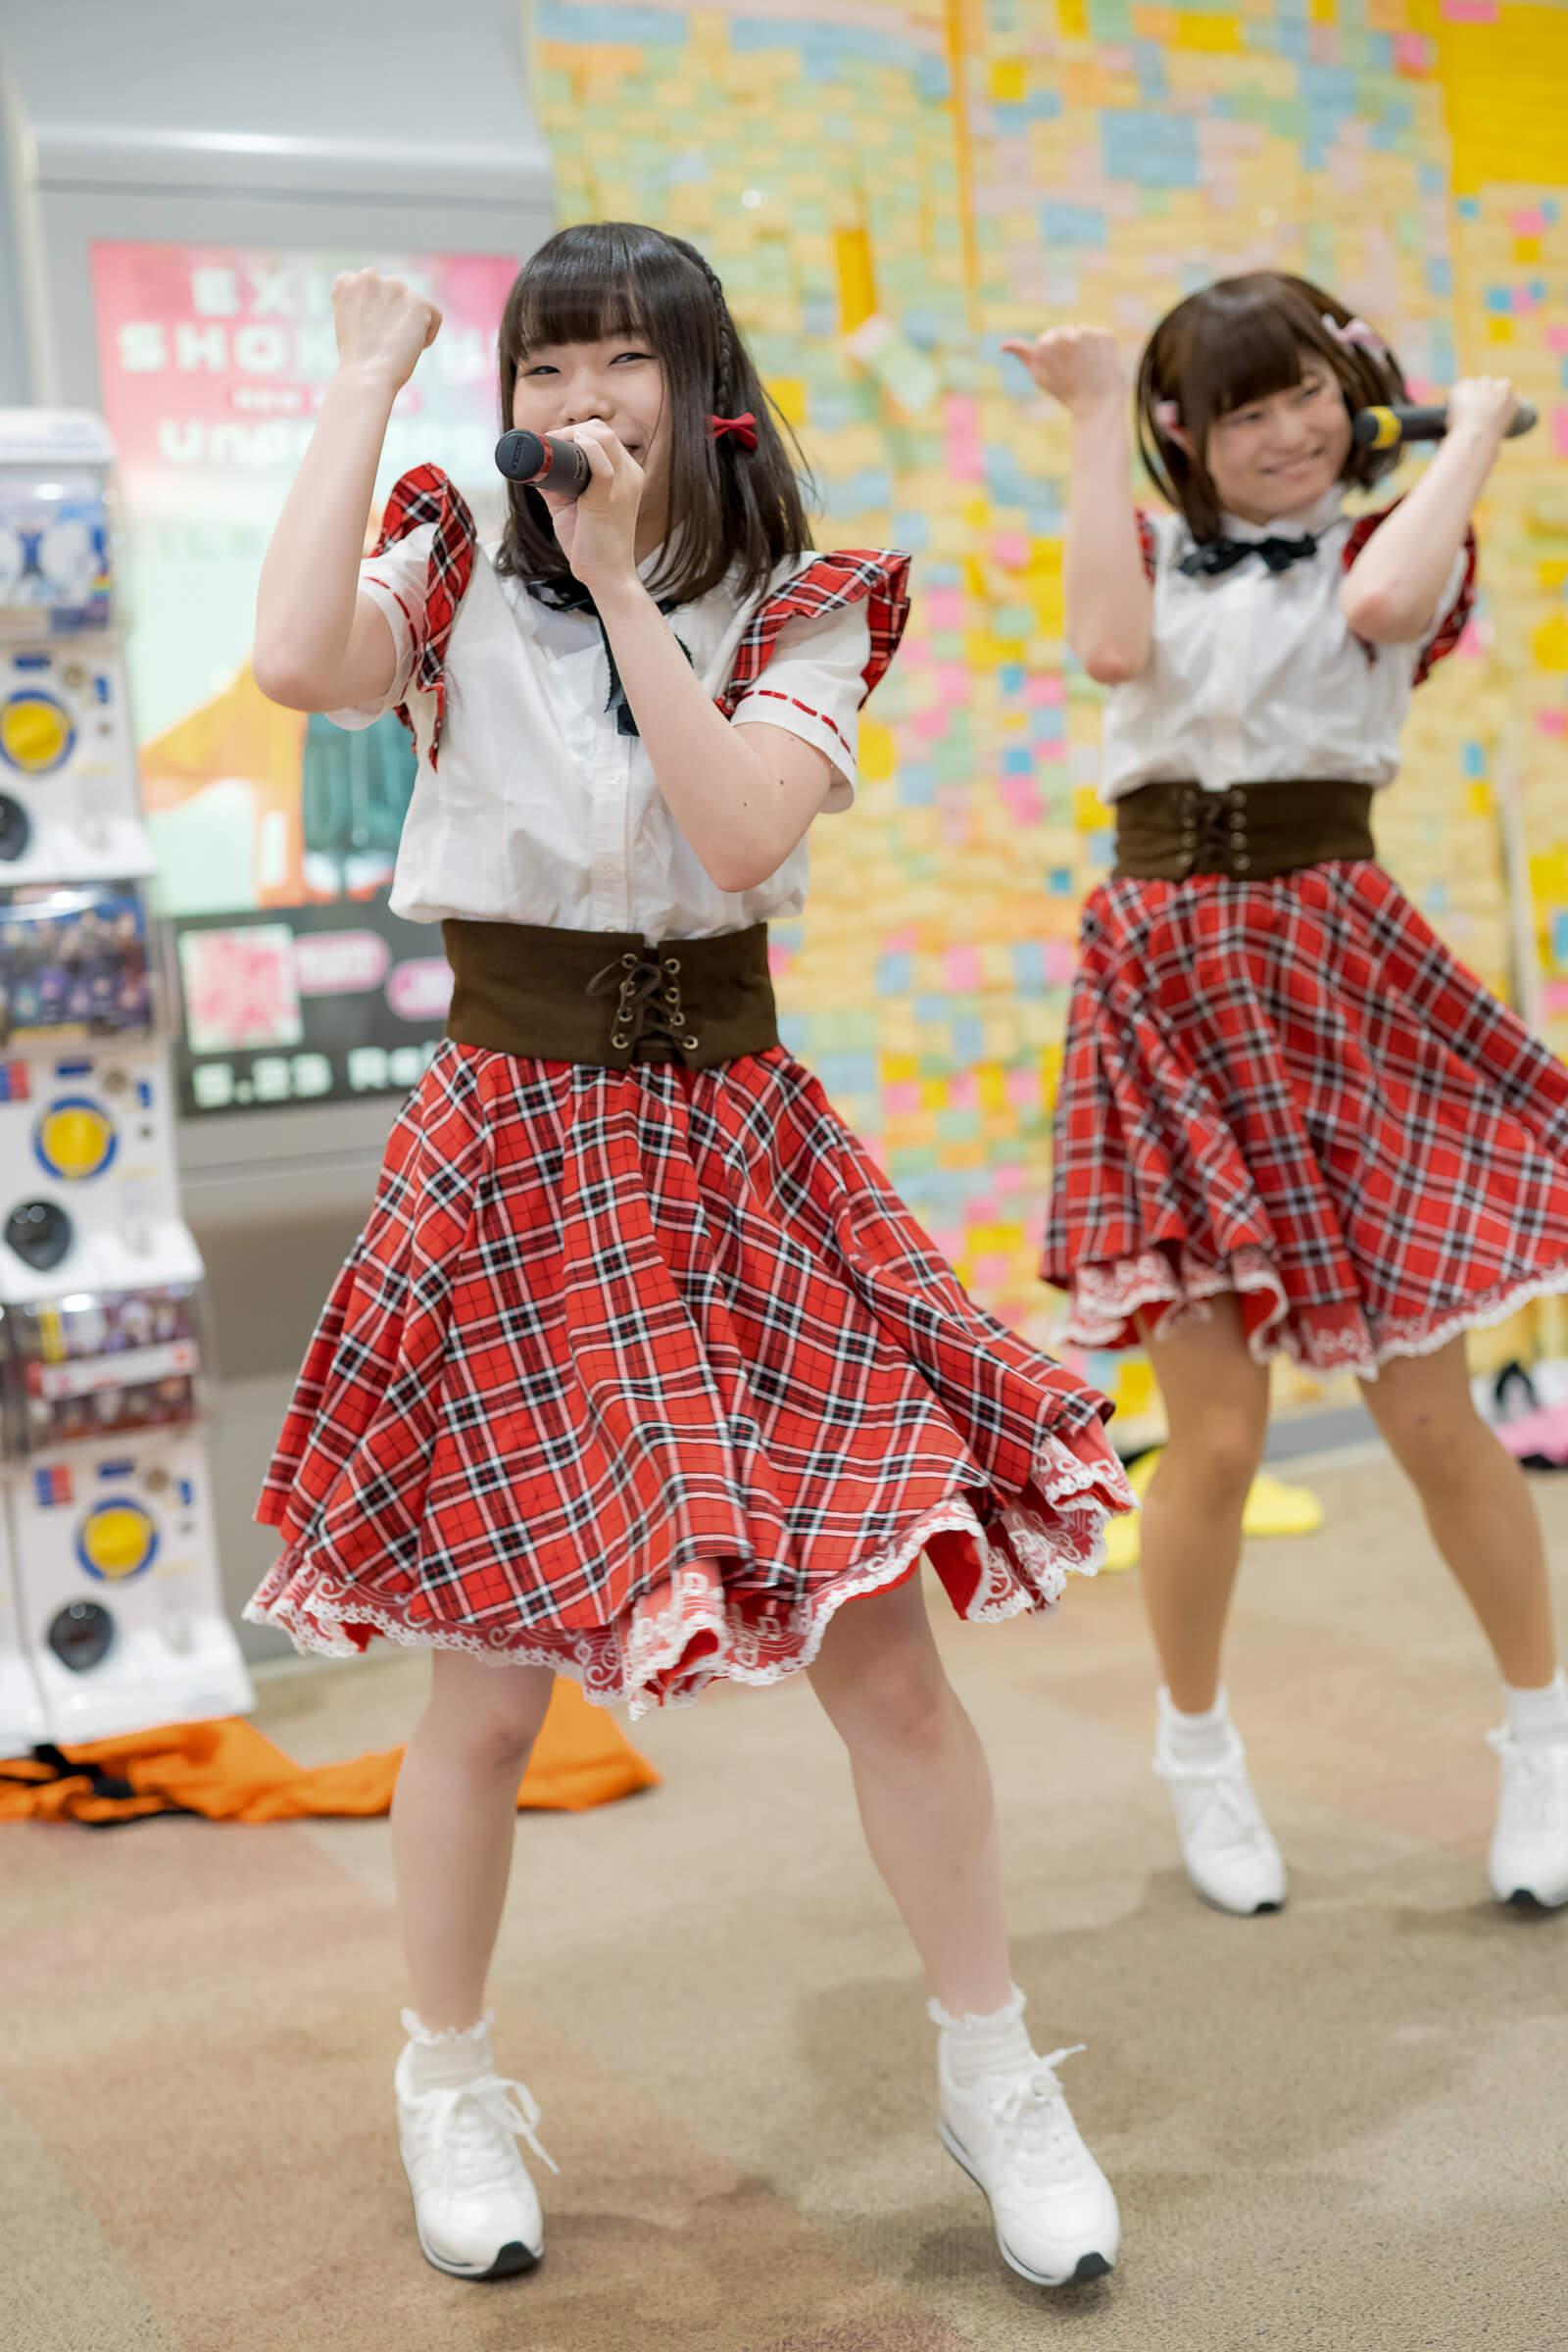 2代目HAPPY少女♪ やよたん ( 鈴木やよい ) | フルーティー♡メジャーシングル第2弾「FRONT LINER」リリースイベント